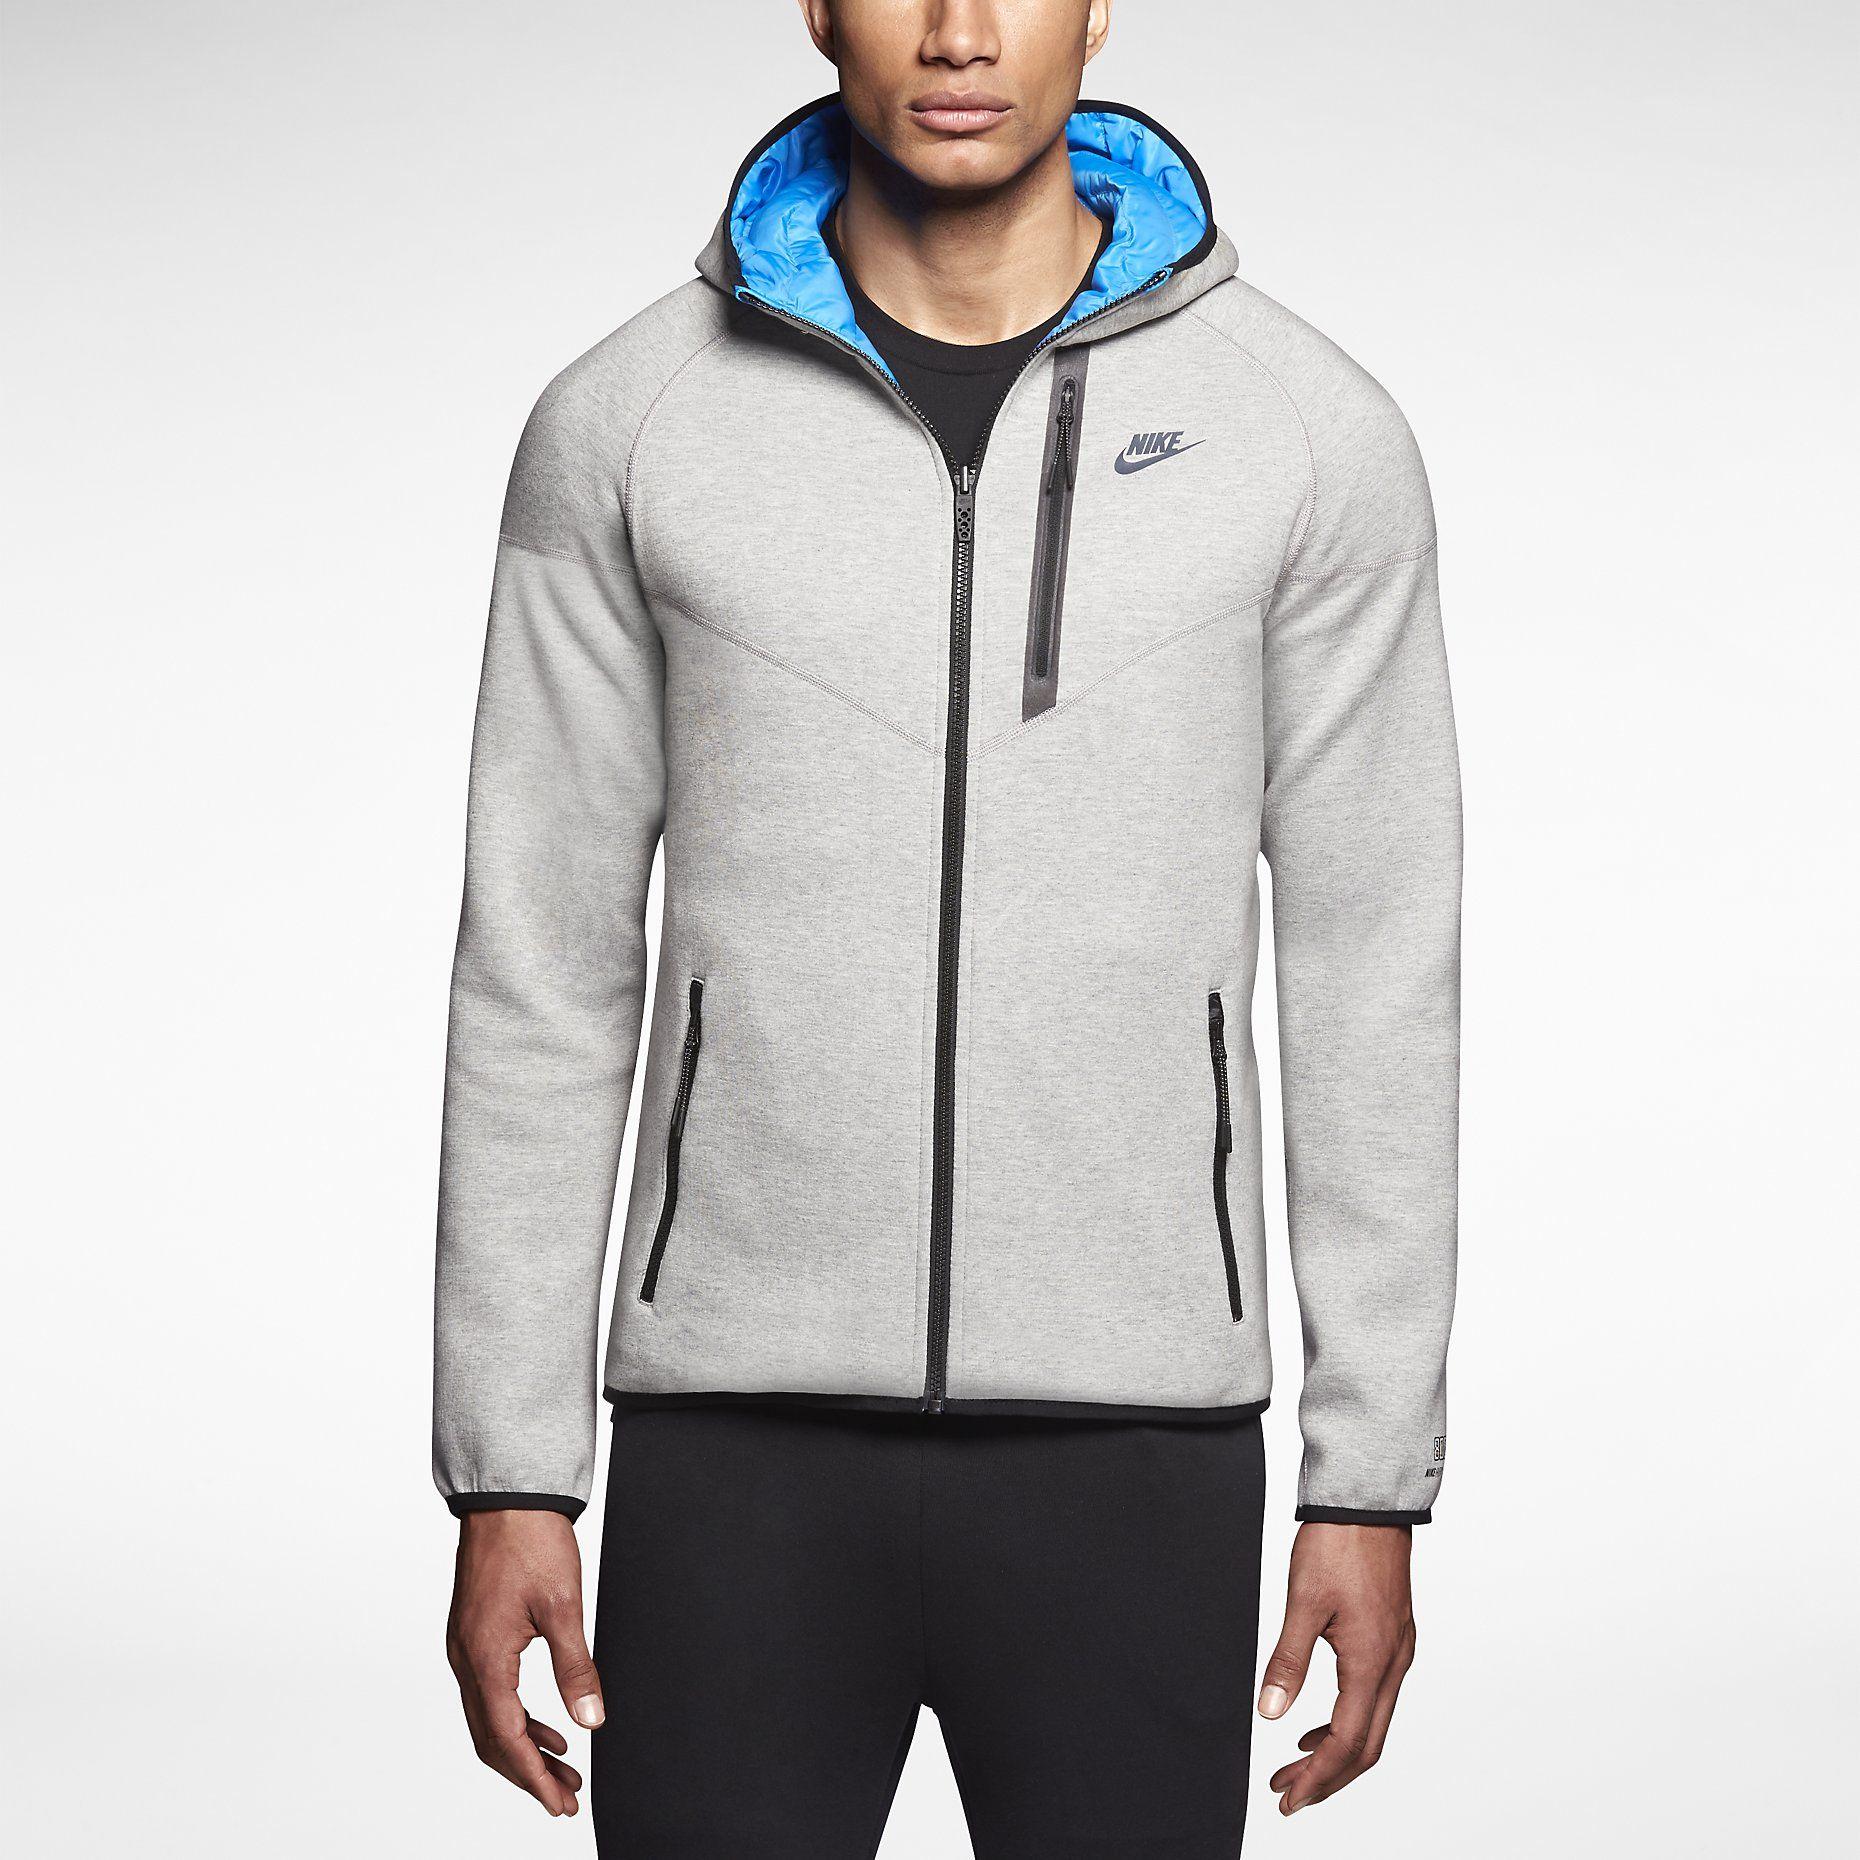 separation shoes 62775 900b9 Nike Tech Fleece Aeroloft Windrunner Tessuto termico esclusivo che unisce  un morbido tessuto in jersey a inserti in nylon per trattenere il calore  del corpo ...